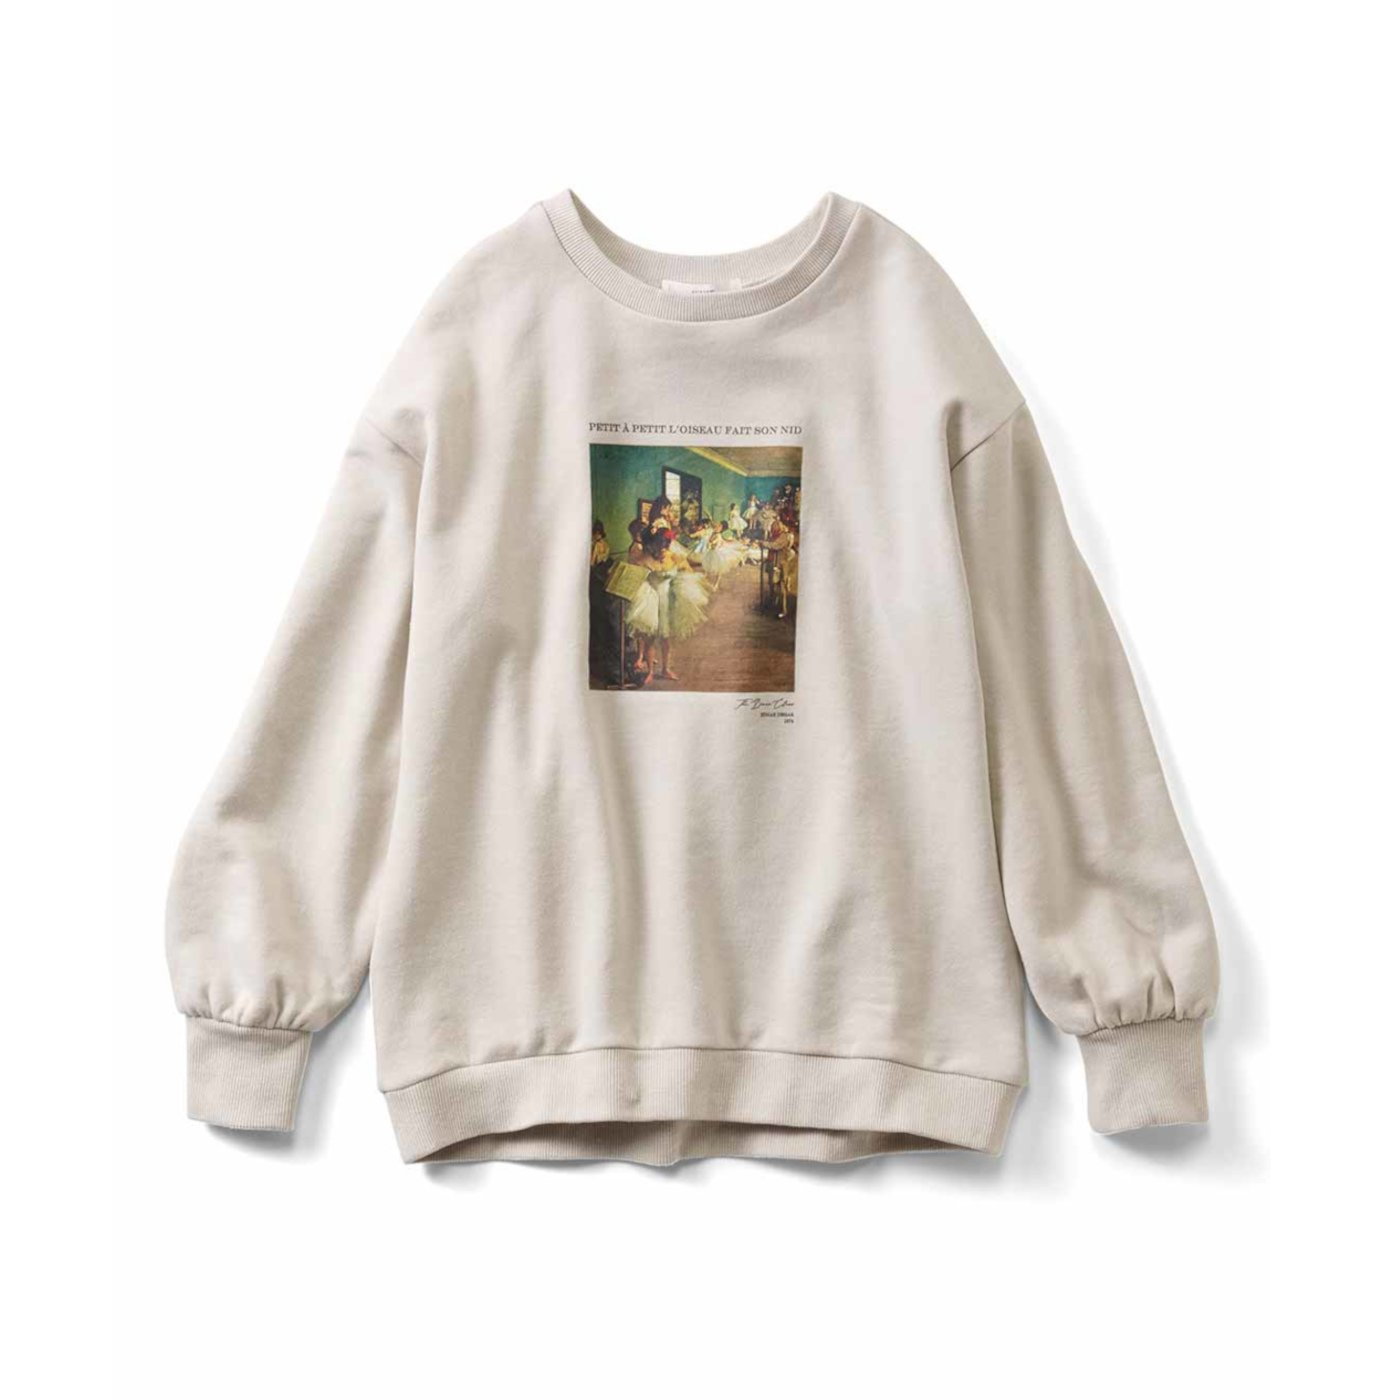 IEDIT[イディット] 印象派のアートをまとう パフスリーブ裏毛トップス〈エドガー・ドガ「ダンス教室」(グレージュ)〉